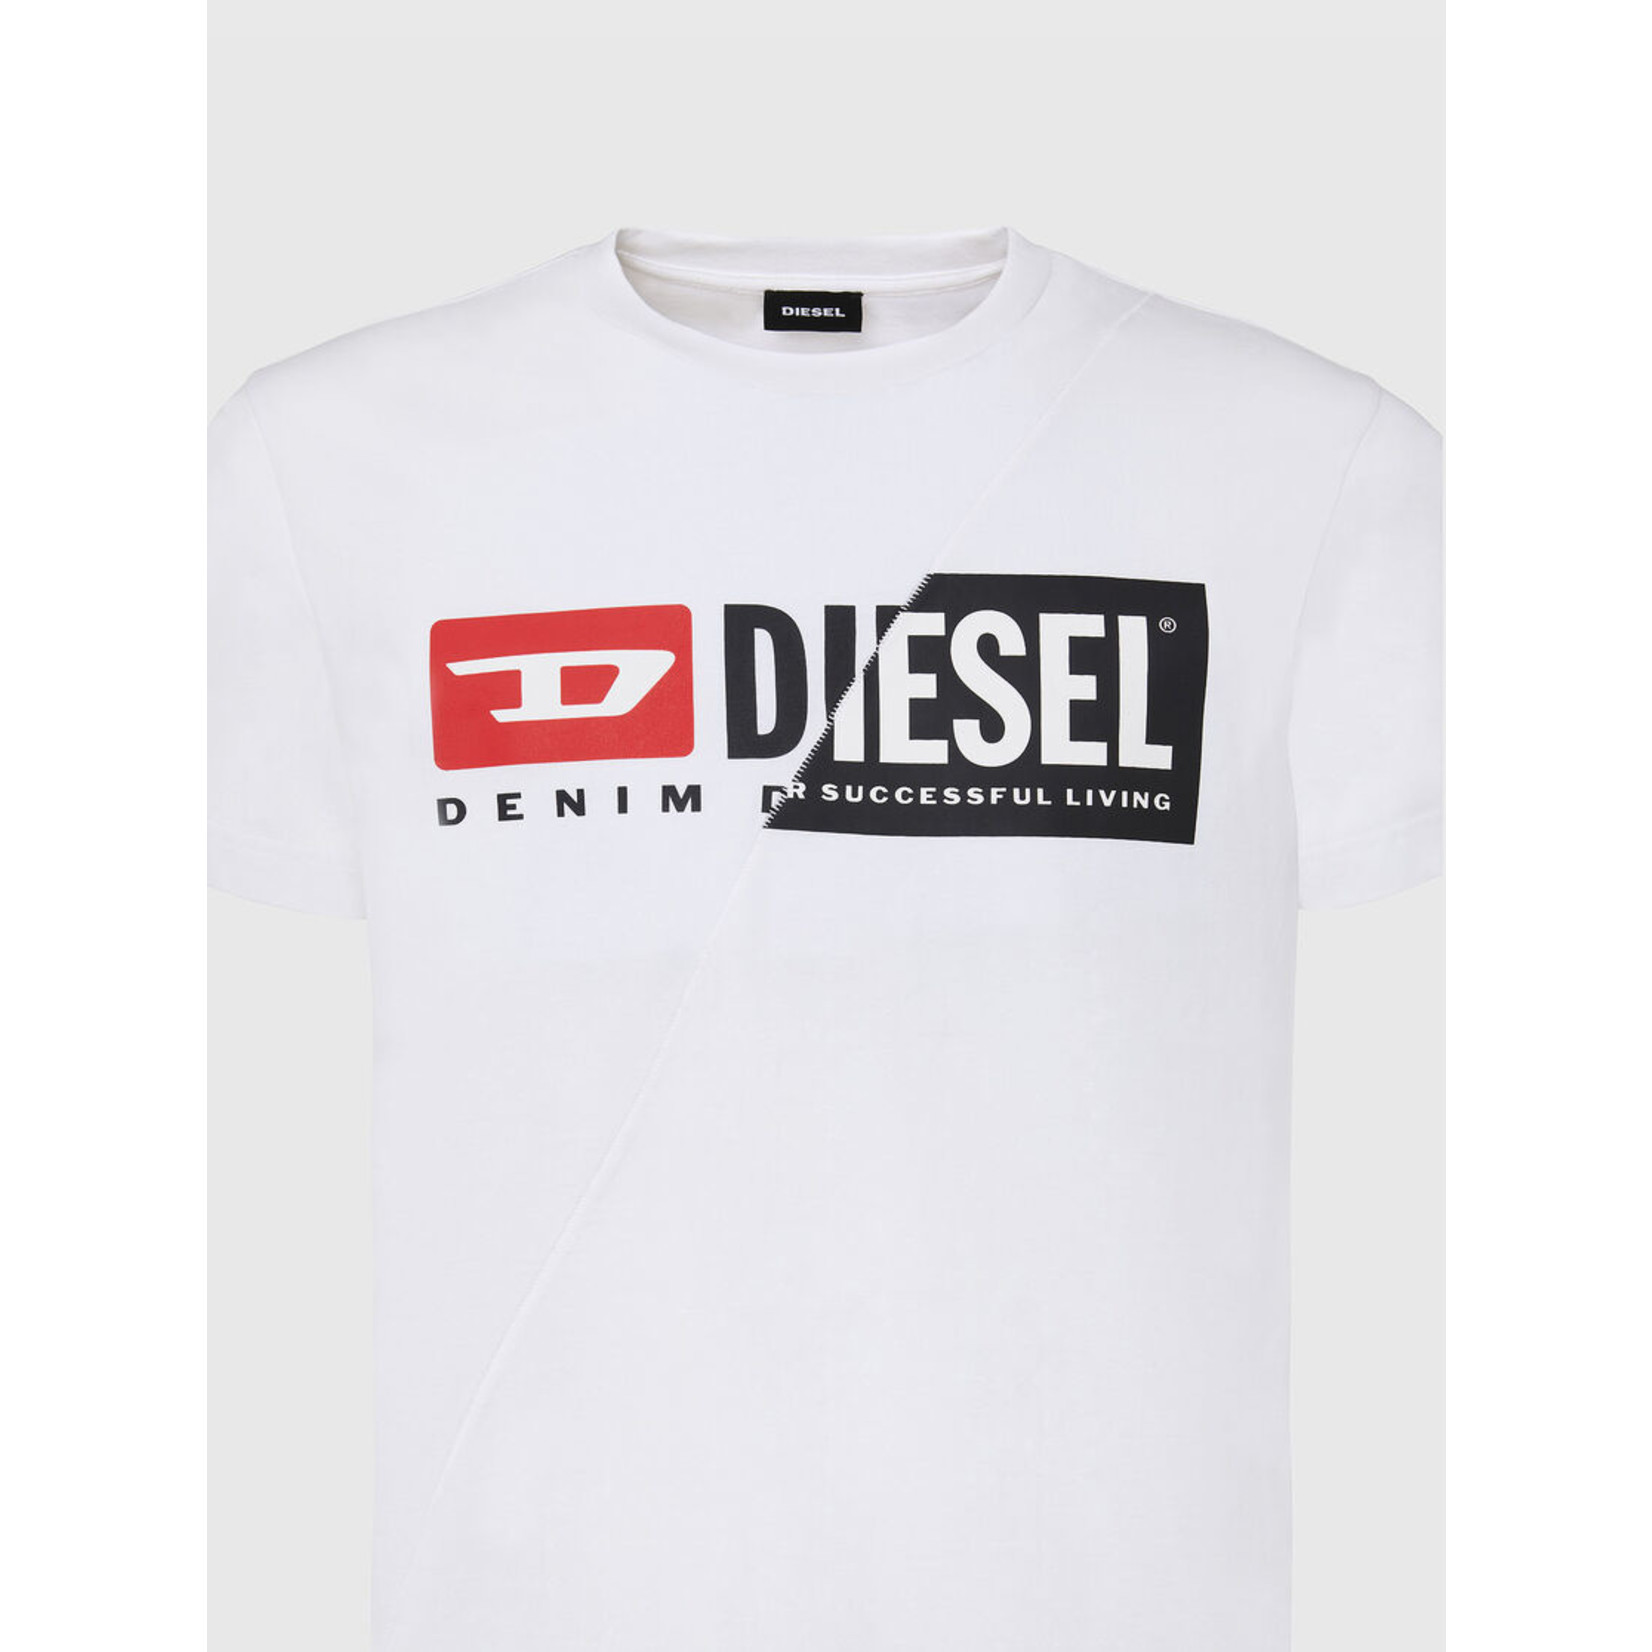 DIESEL DIESEL T-SHIRT DIEGO CUTY - WHITE